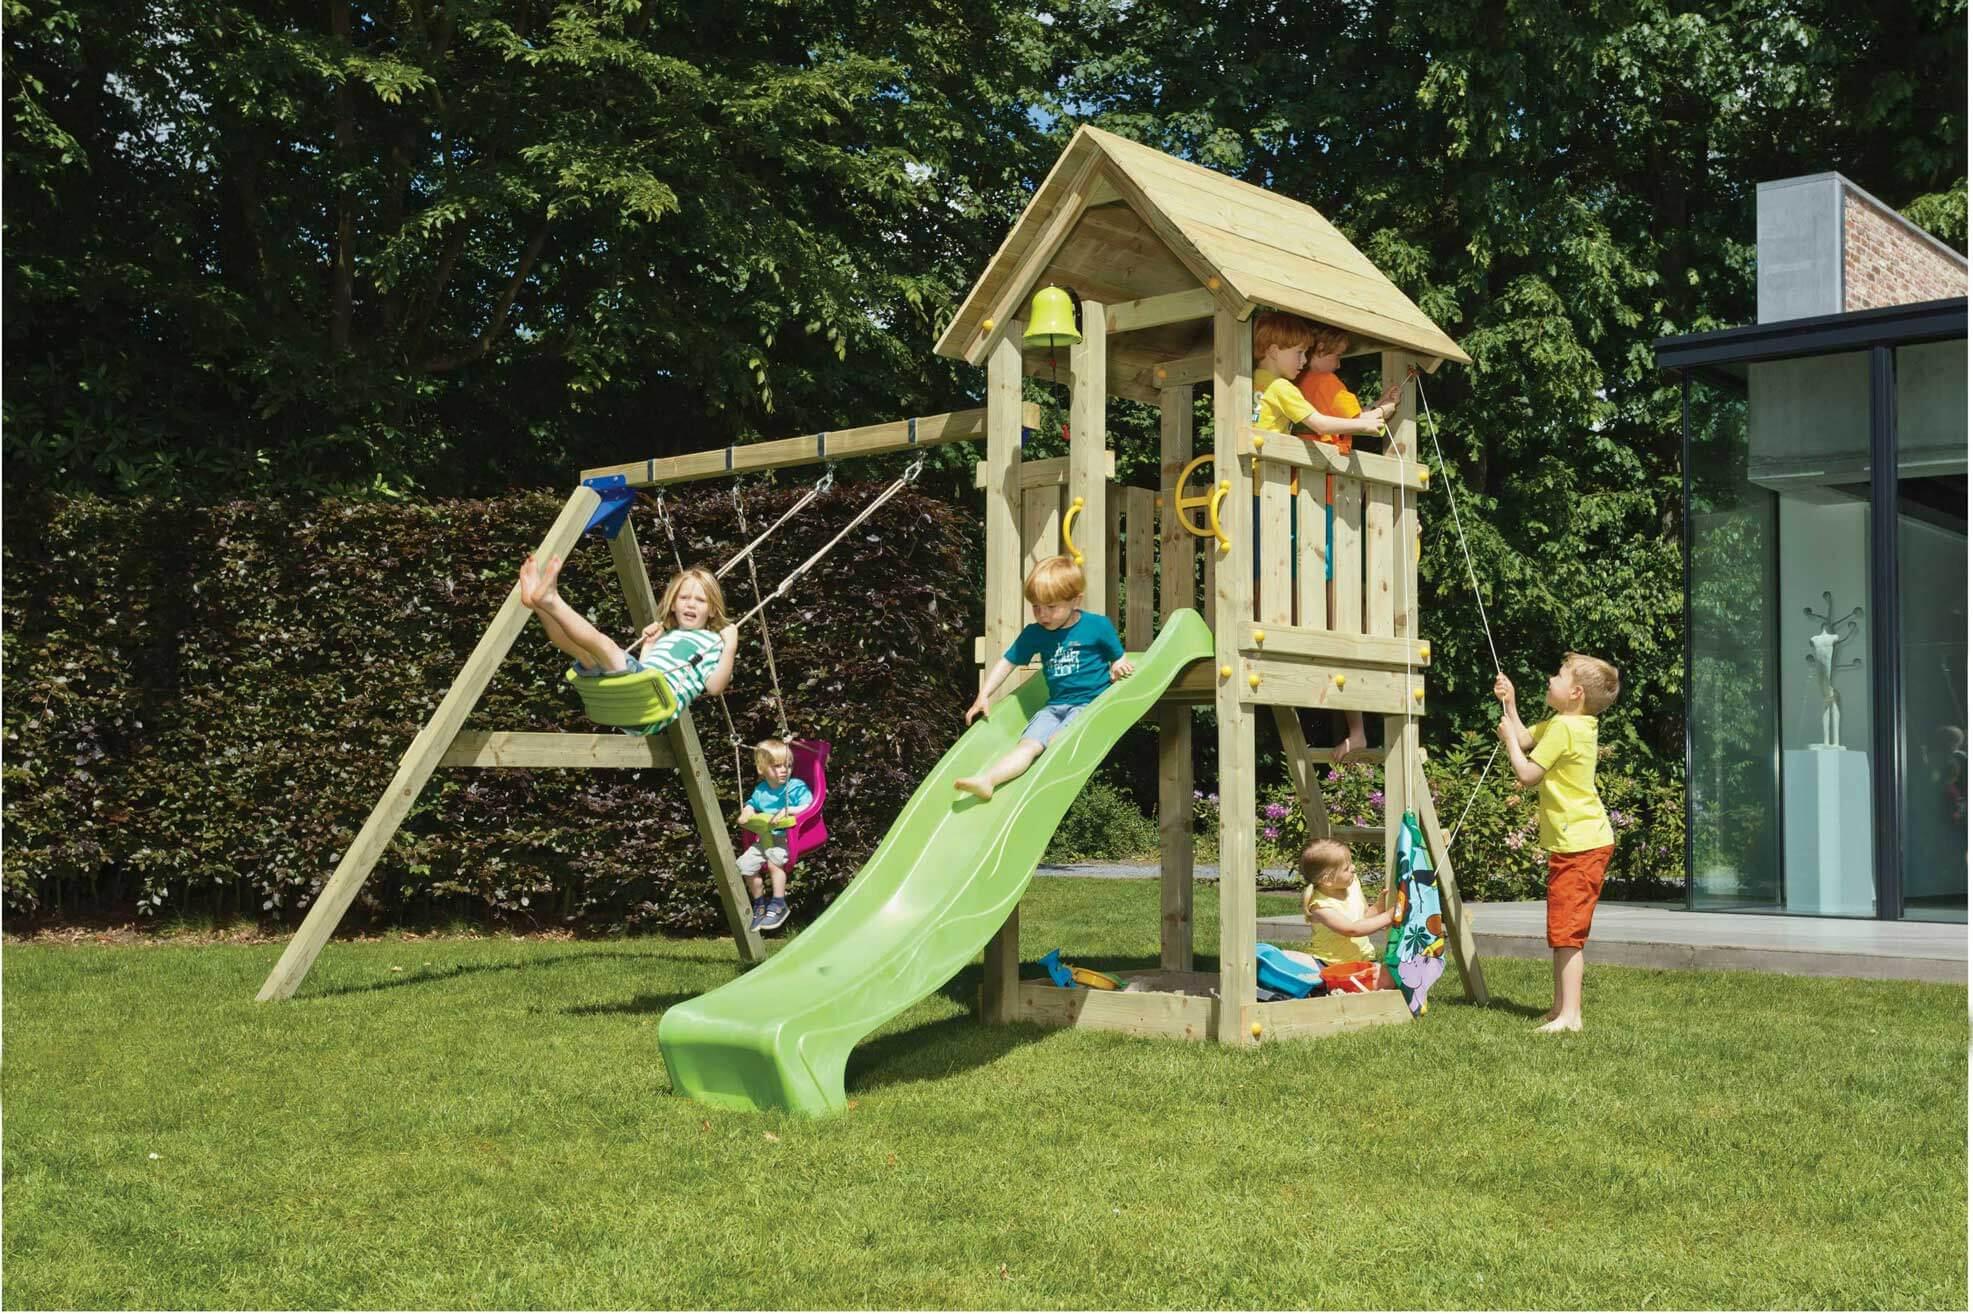 Gut gemocht Blue Rabbit Spielturm Kiosk 150 cm Podesthöhe - Spiel und Garten LG61